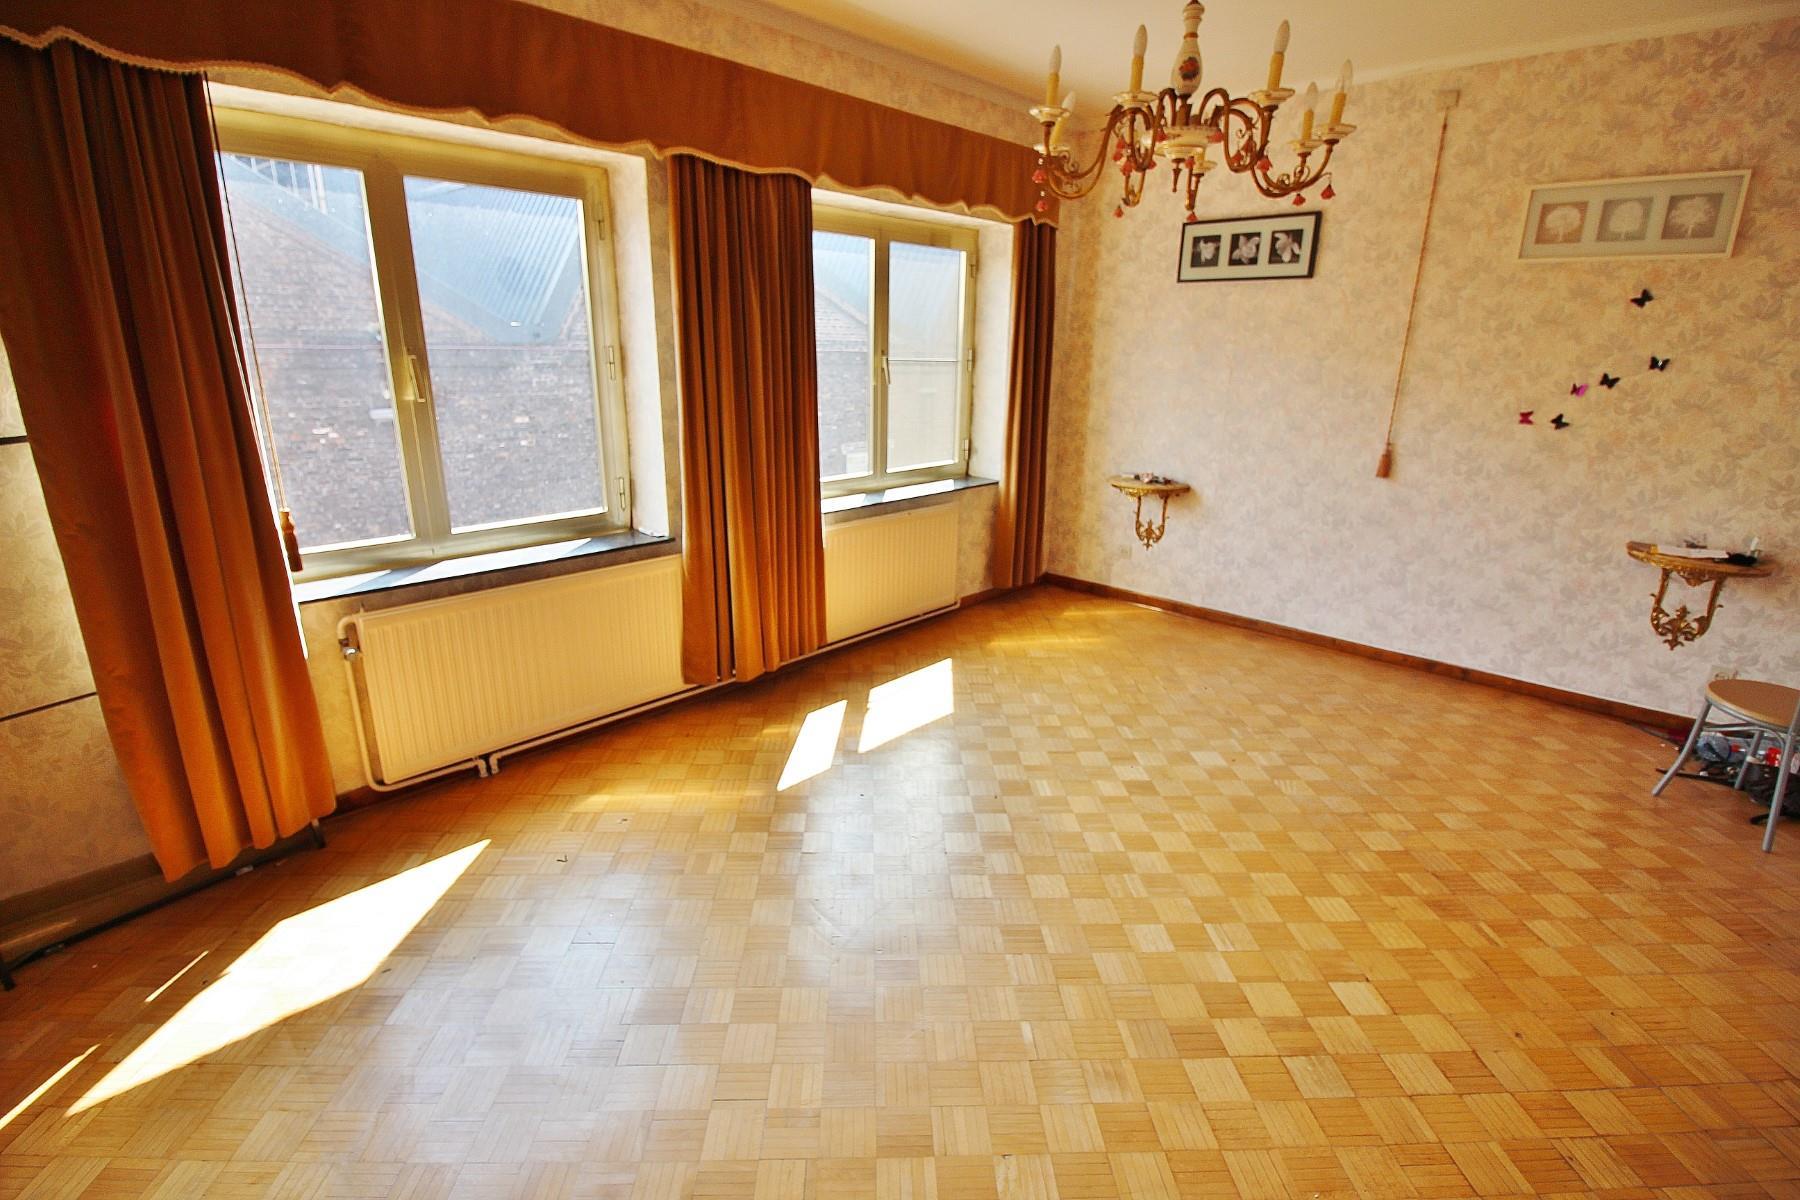 Maison - Liège - #3871684-15